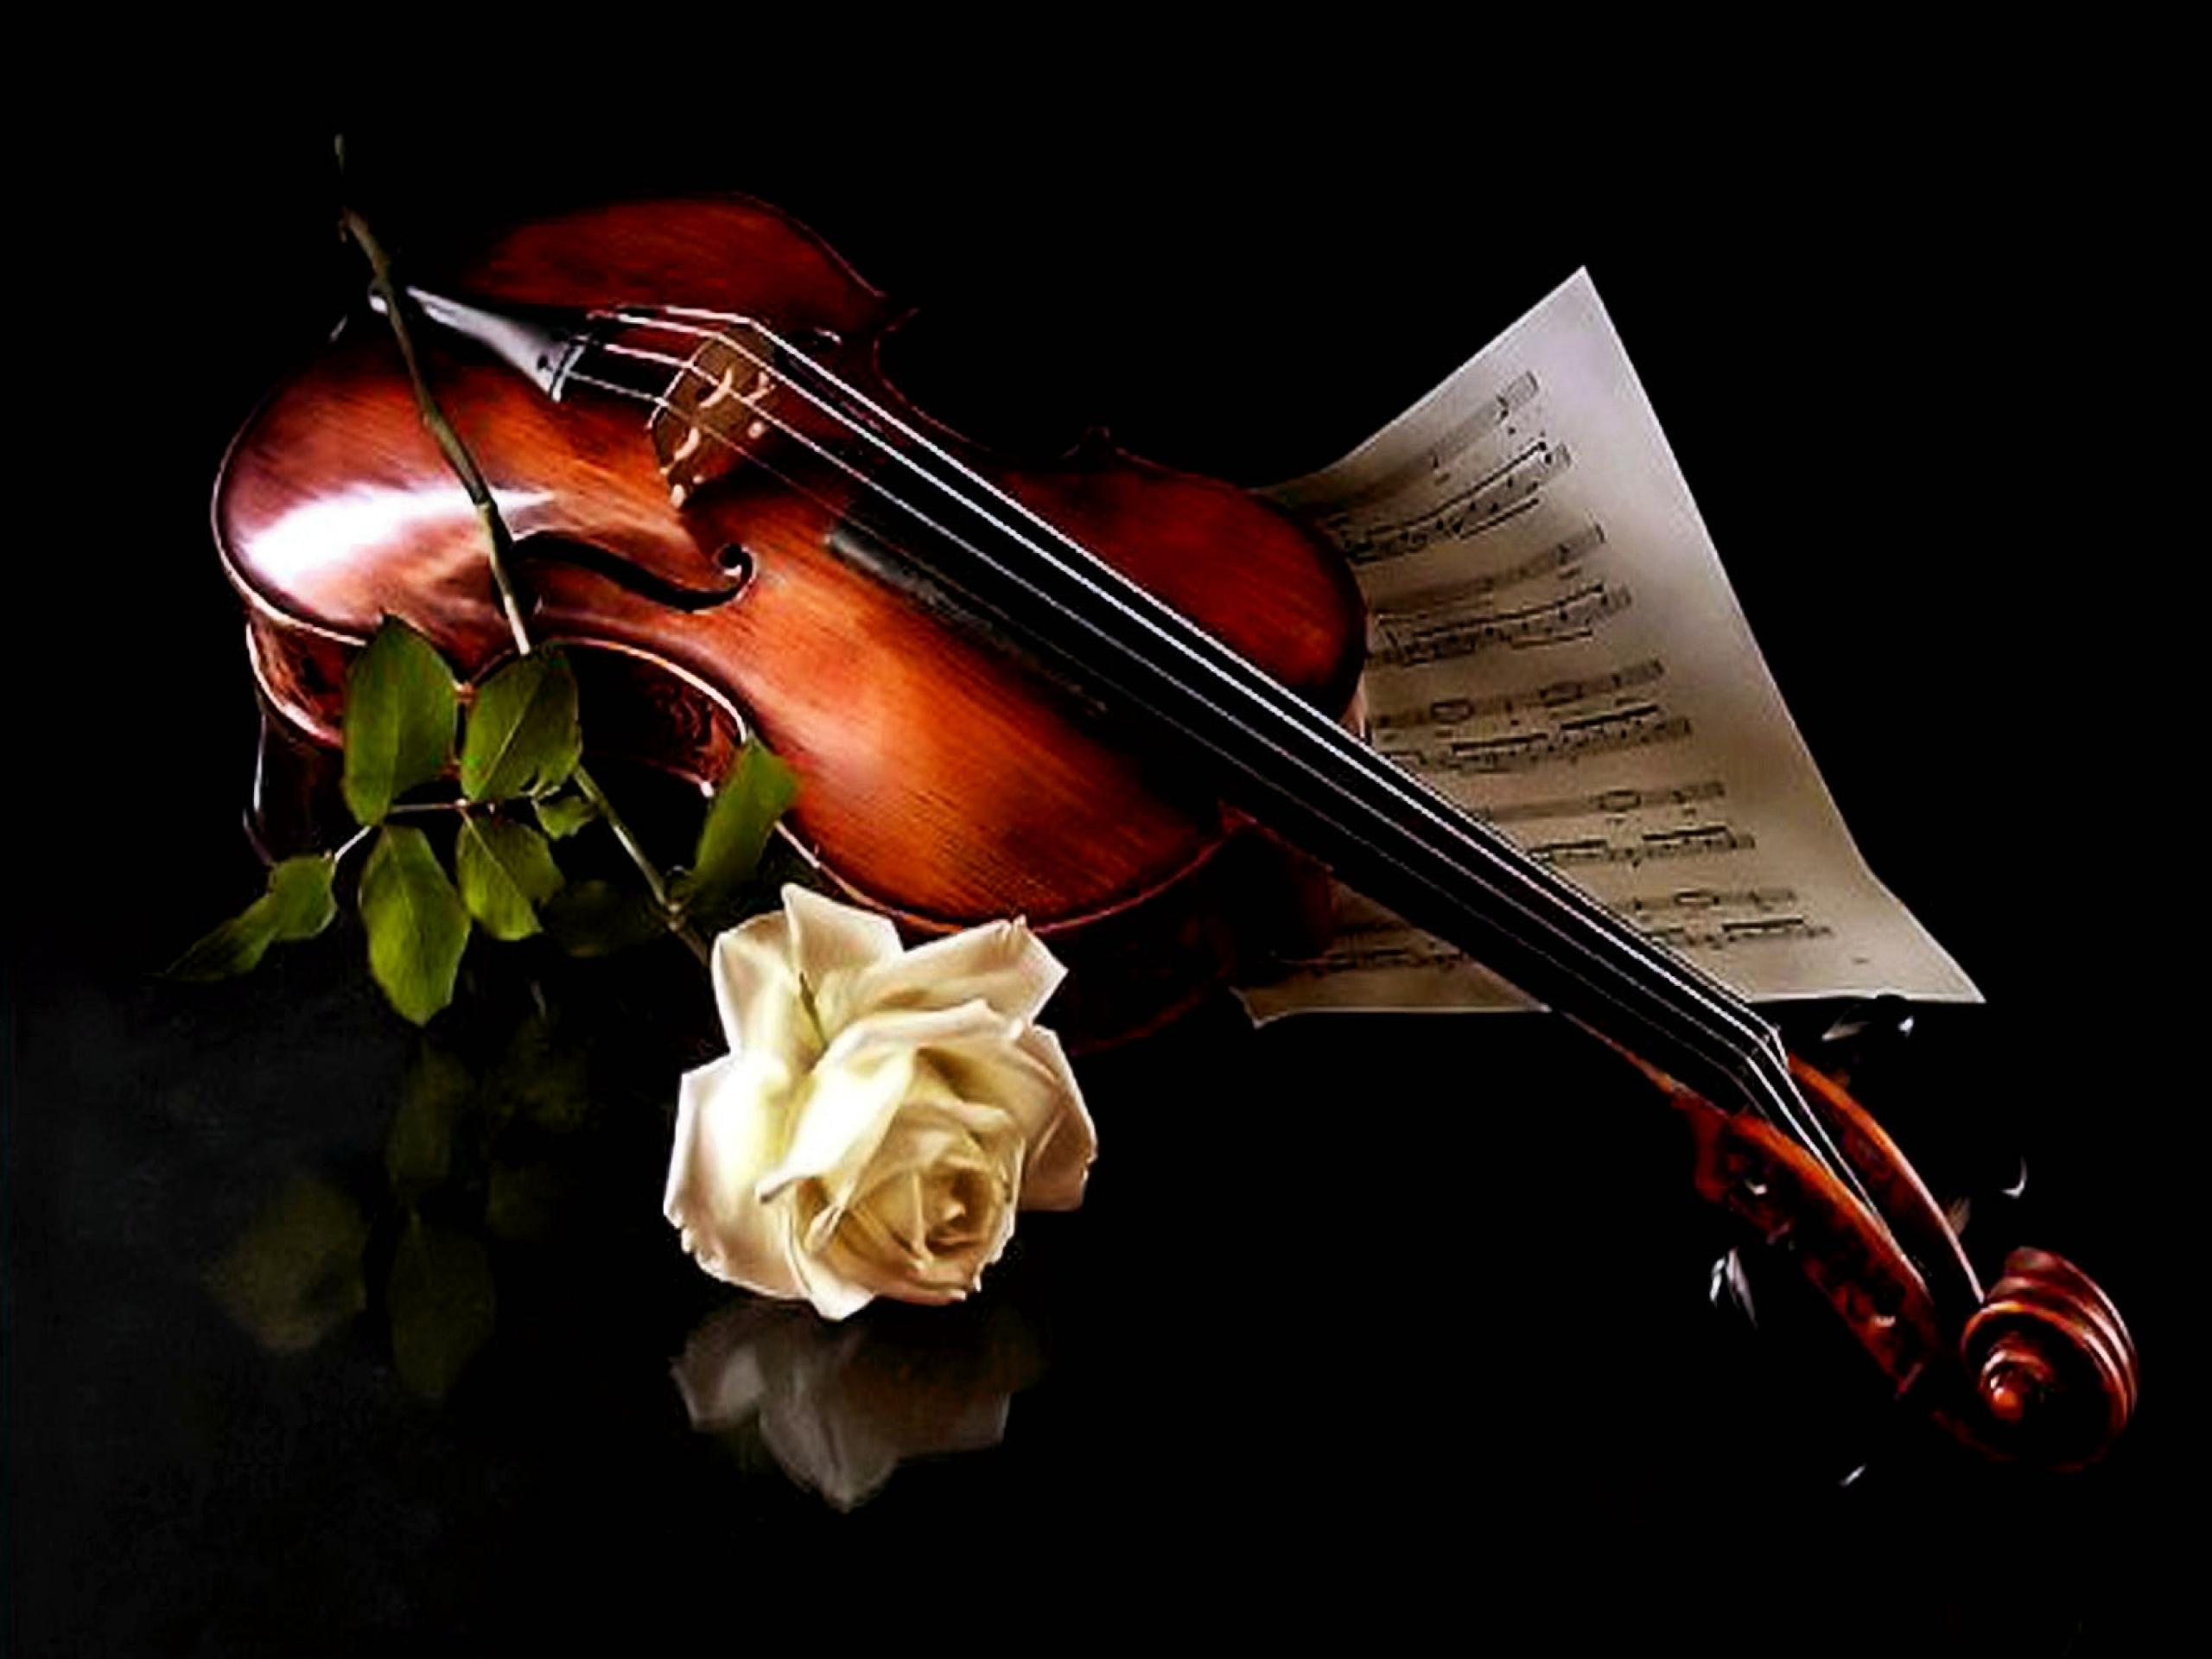 Piano and Violin Wallpaper (62+ images)